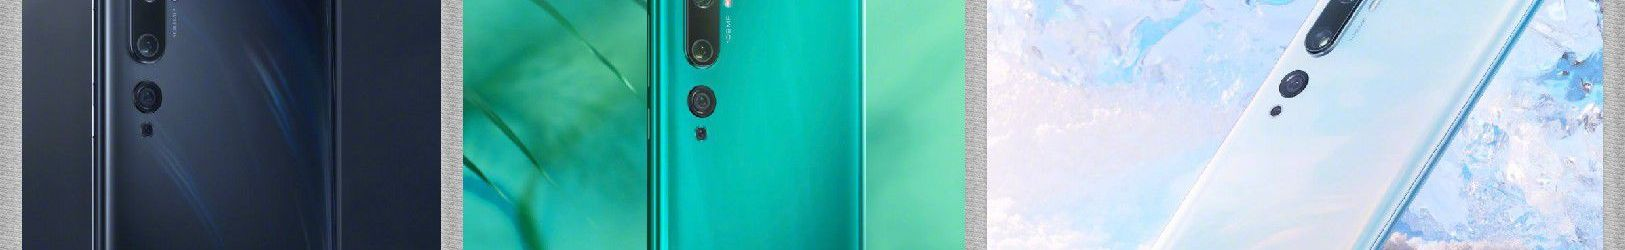 Xiaomi CC9 Pro ufficiale: il penta camera phone con sensore principale da 108 MP